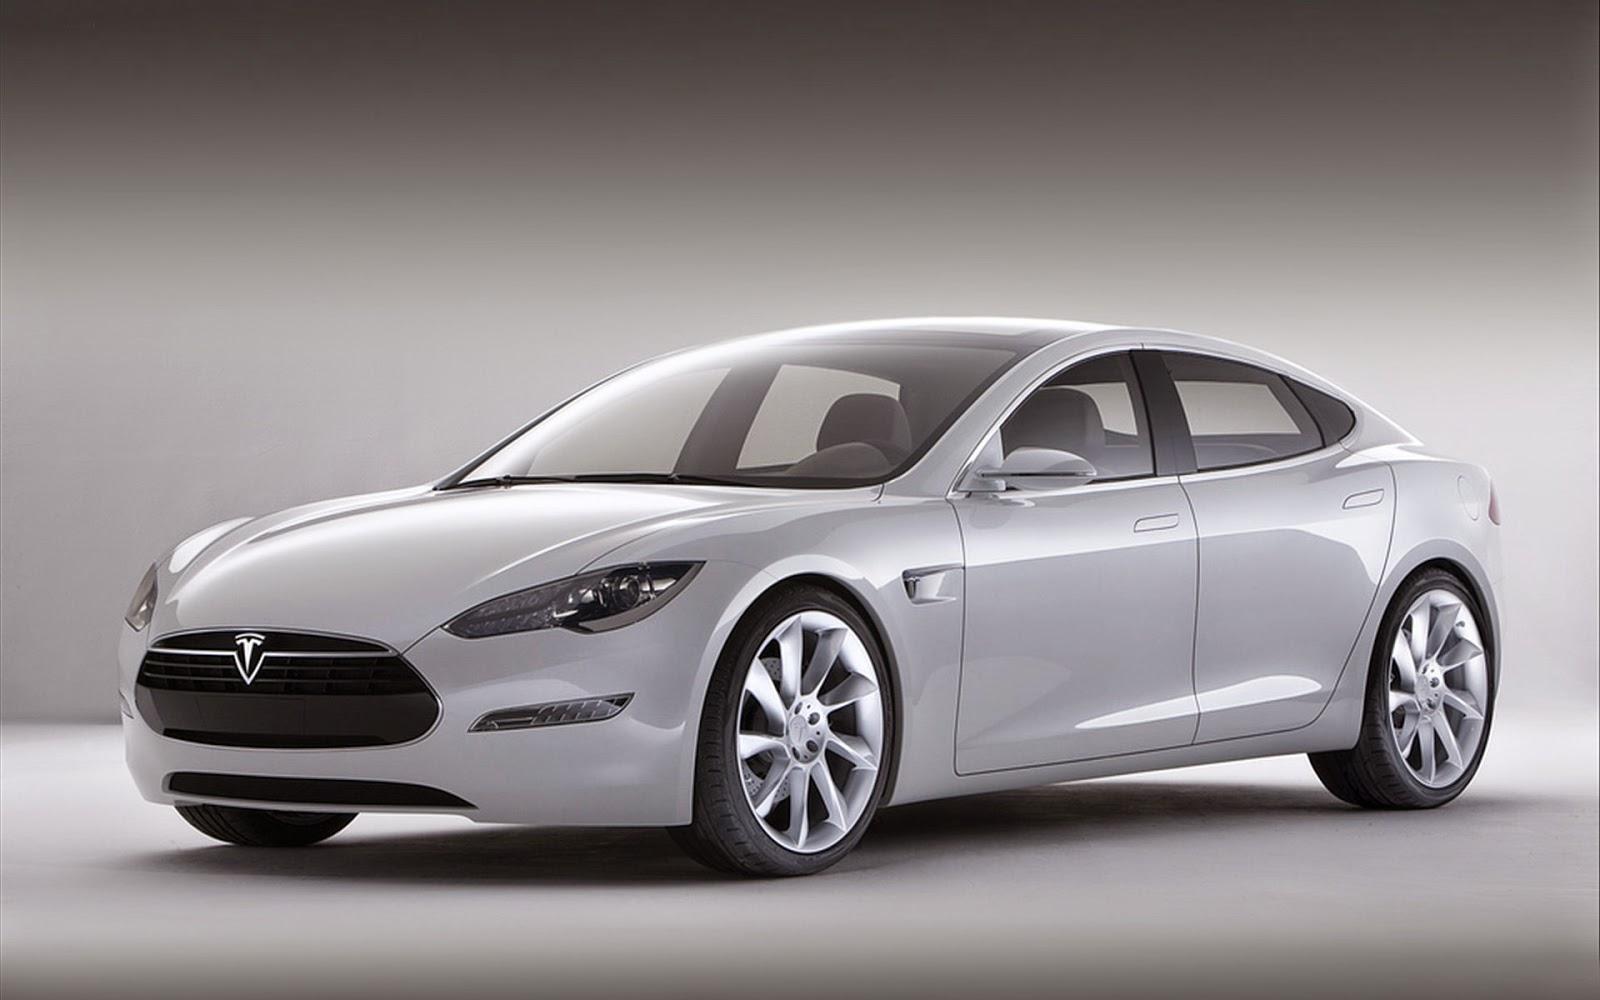 http://www.autocarsinfo.com/2014/10/2013-tesla-model-s-best-wallpaper.html